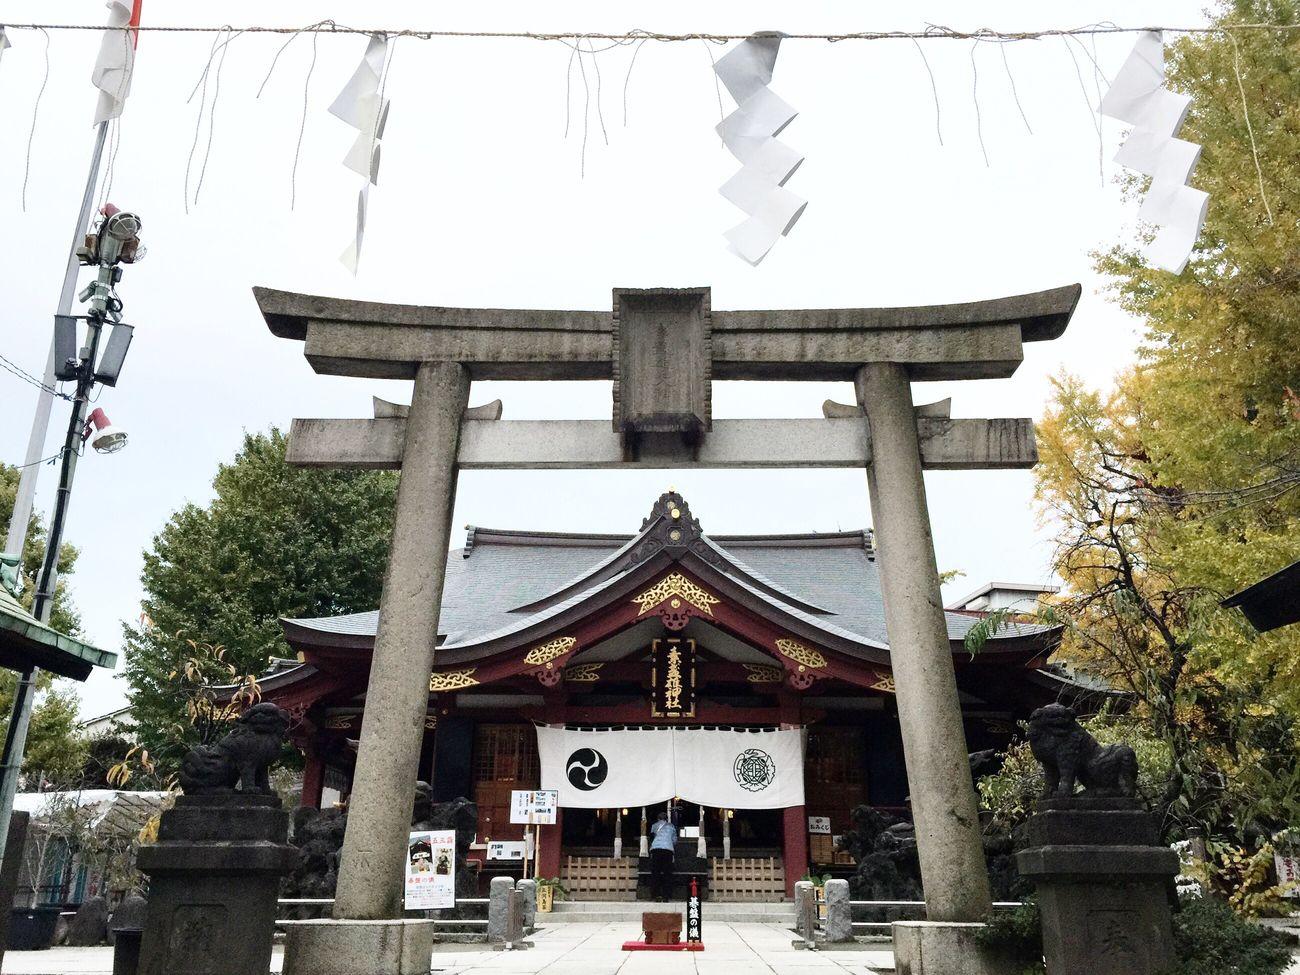 2016.11.16 東京都 荒川区 素盞雄神社